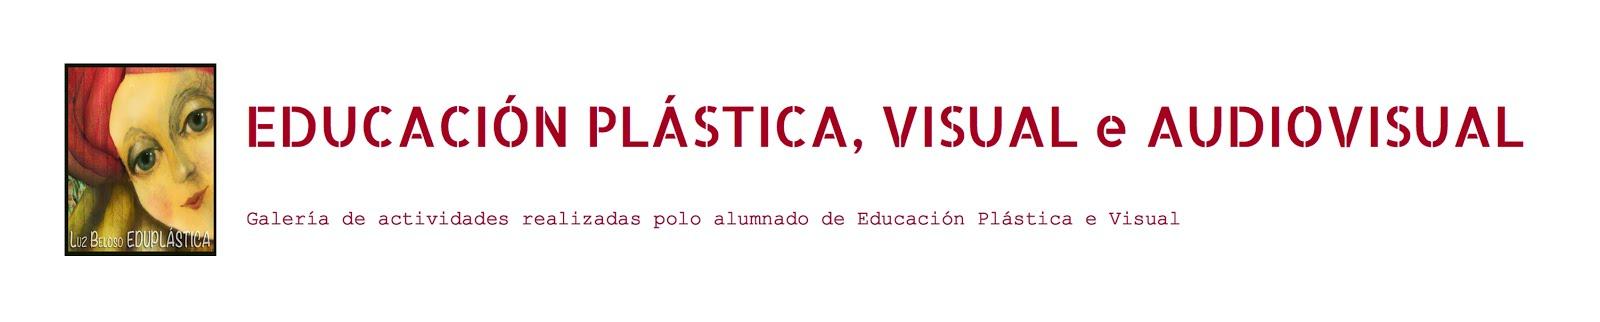 EDUCACIÓN PLÁSTICA, VISUAL  e AUDIOVISUAL